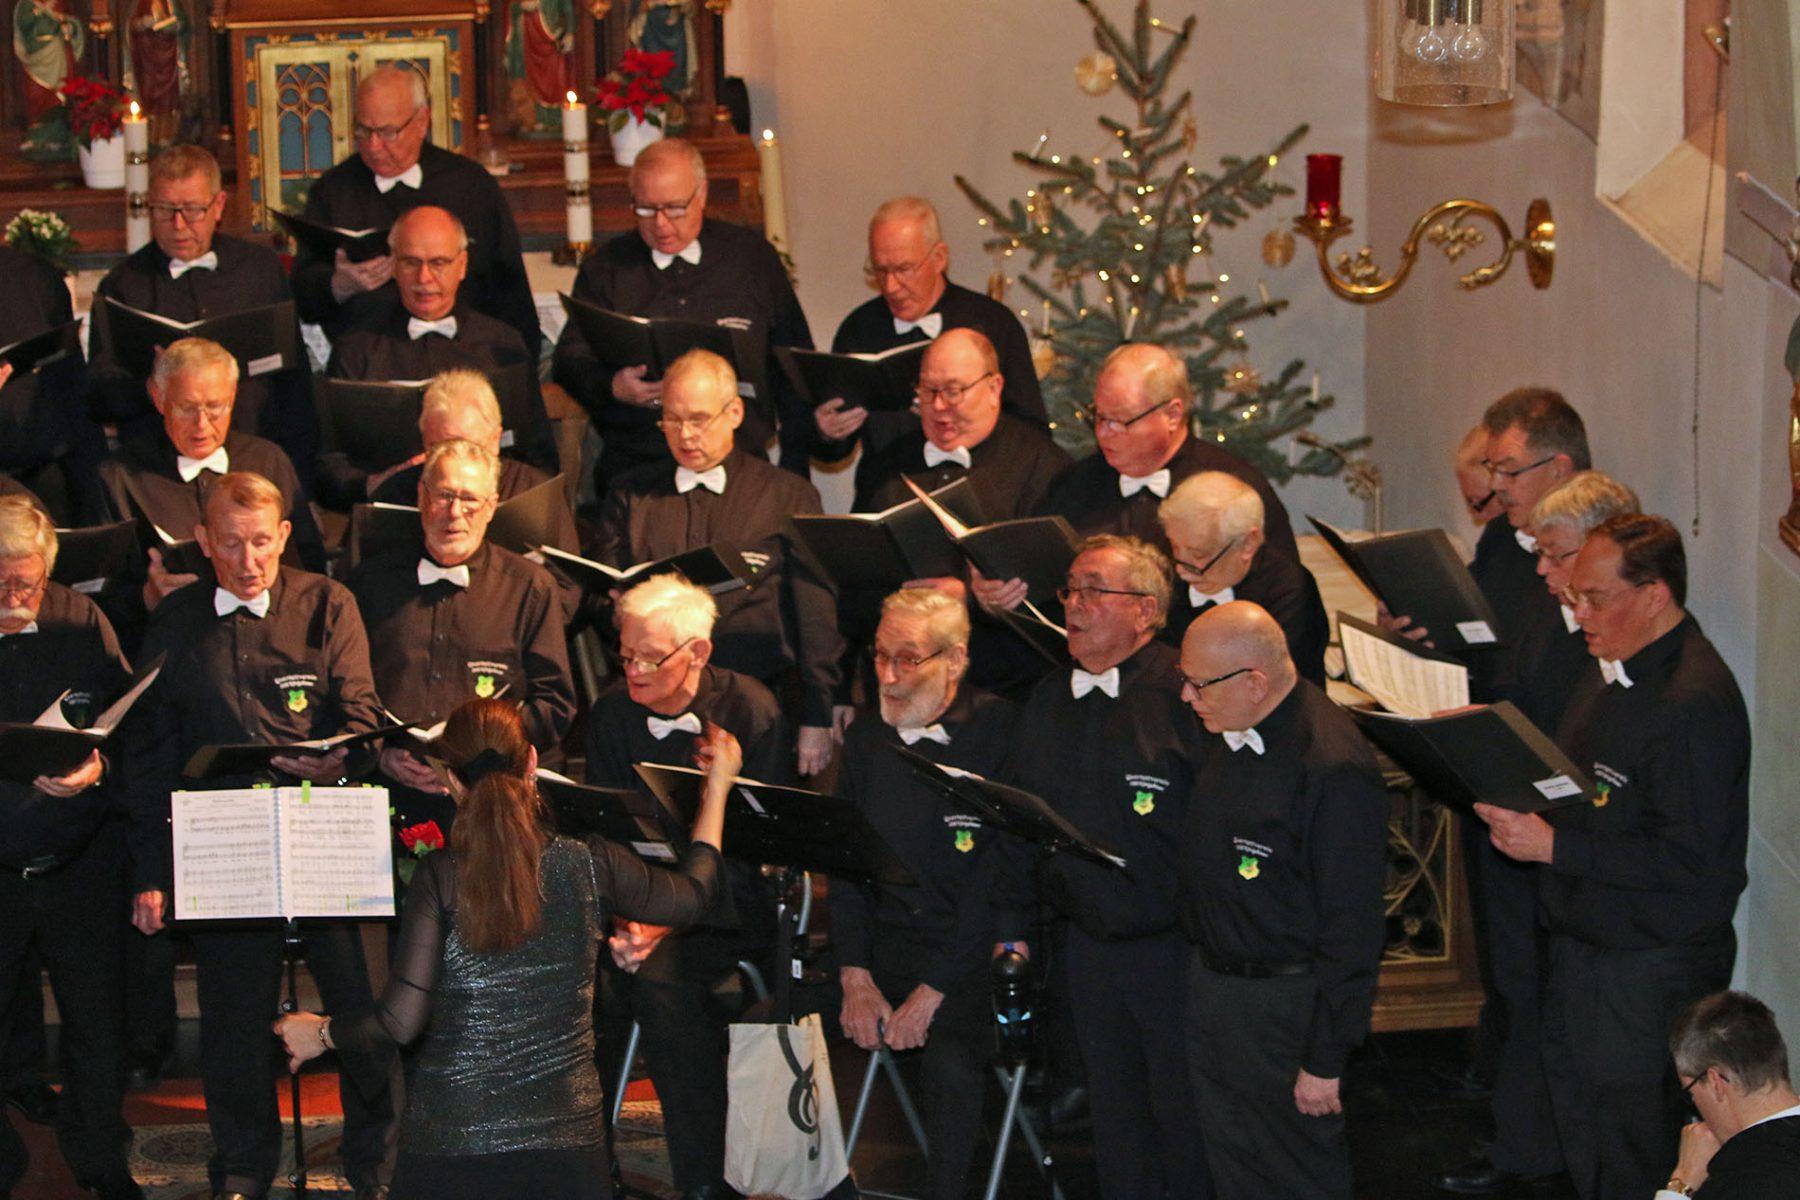 20200112_Neujahrskonzert-Kulturkirche-Elsdorf-Angelsdorf_Foto012